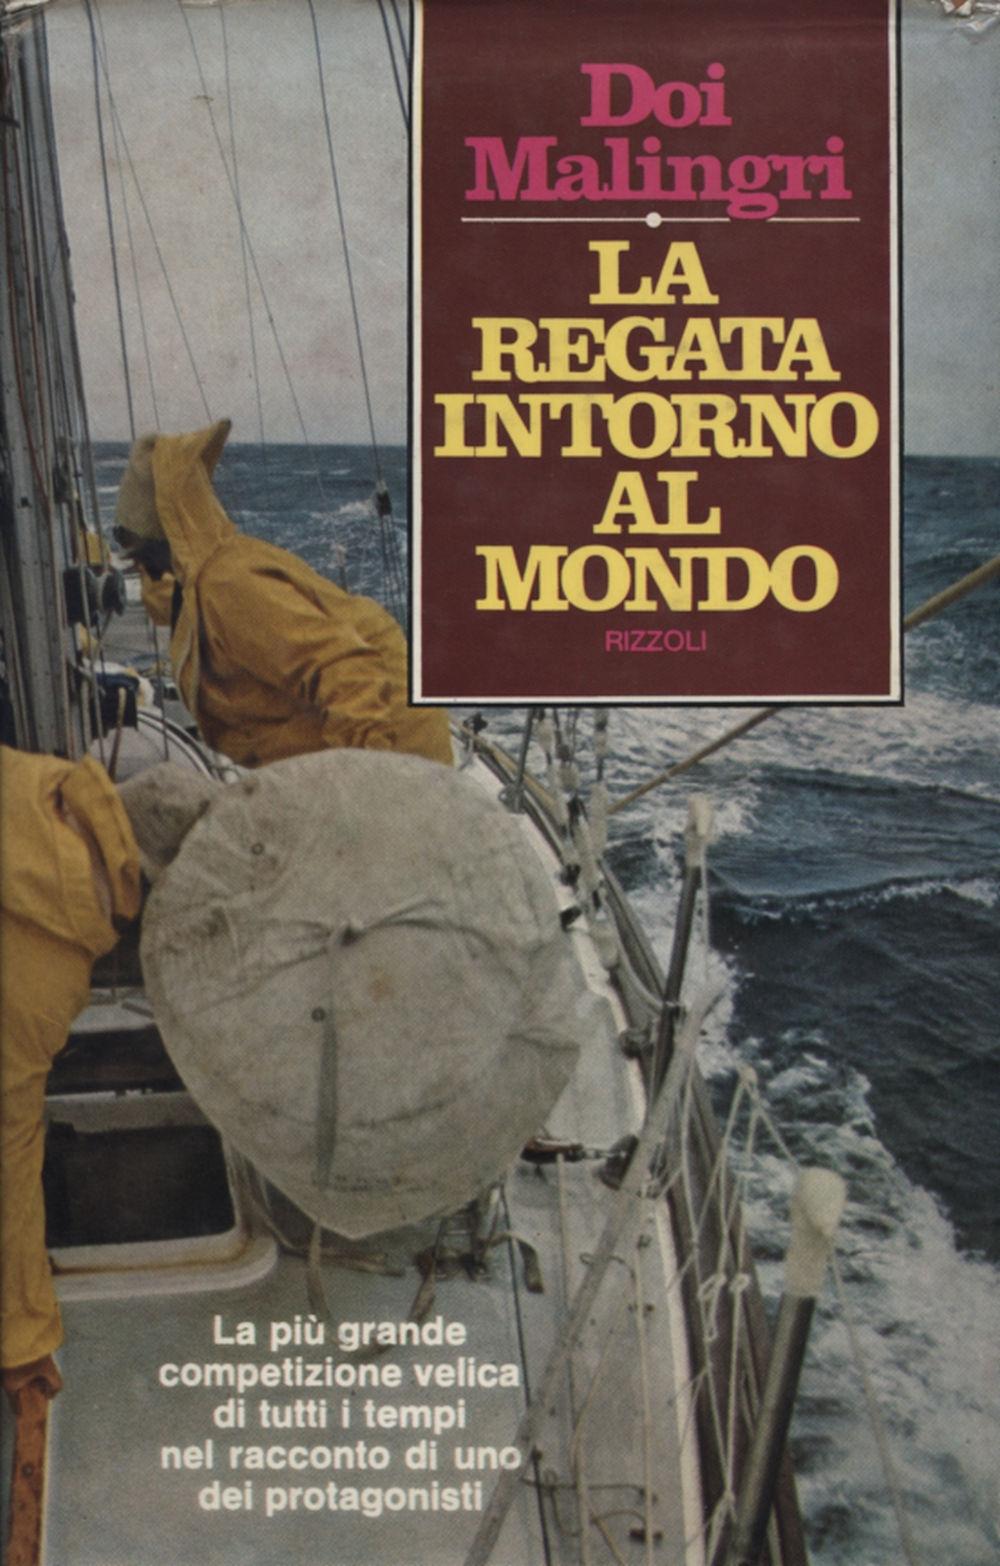 Doi Malingri - La regata intorno al mondo